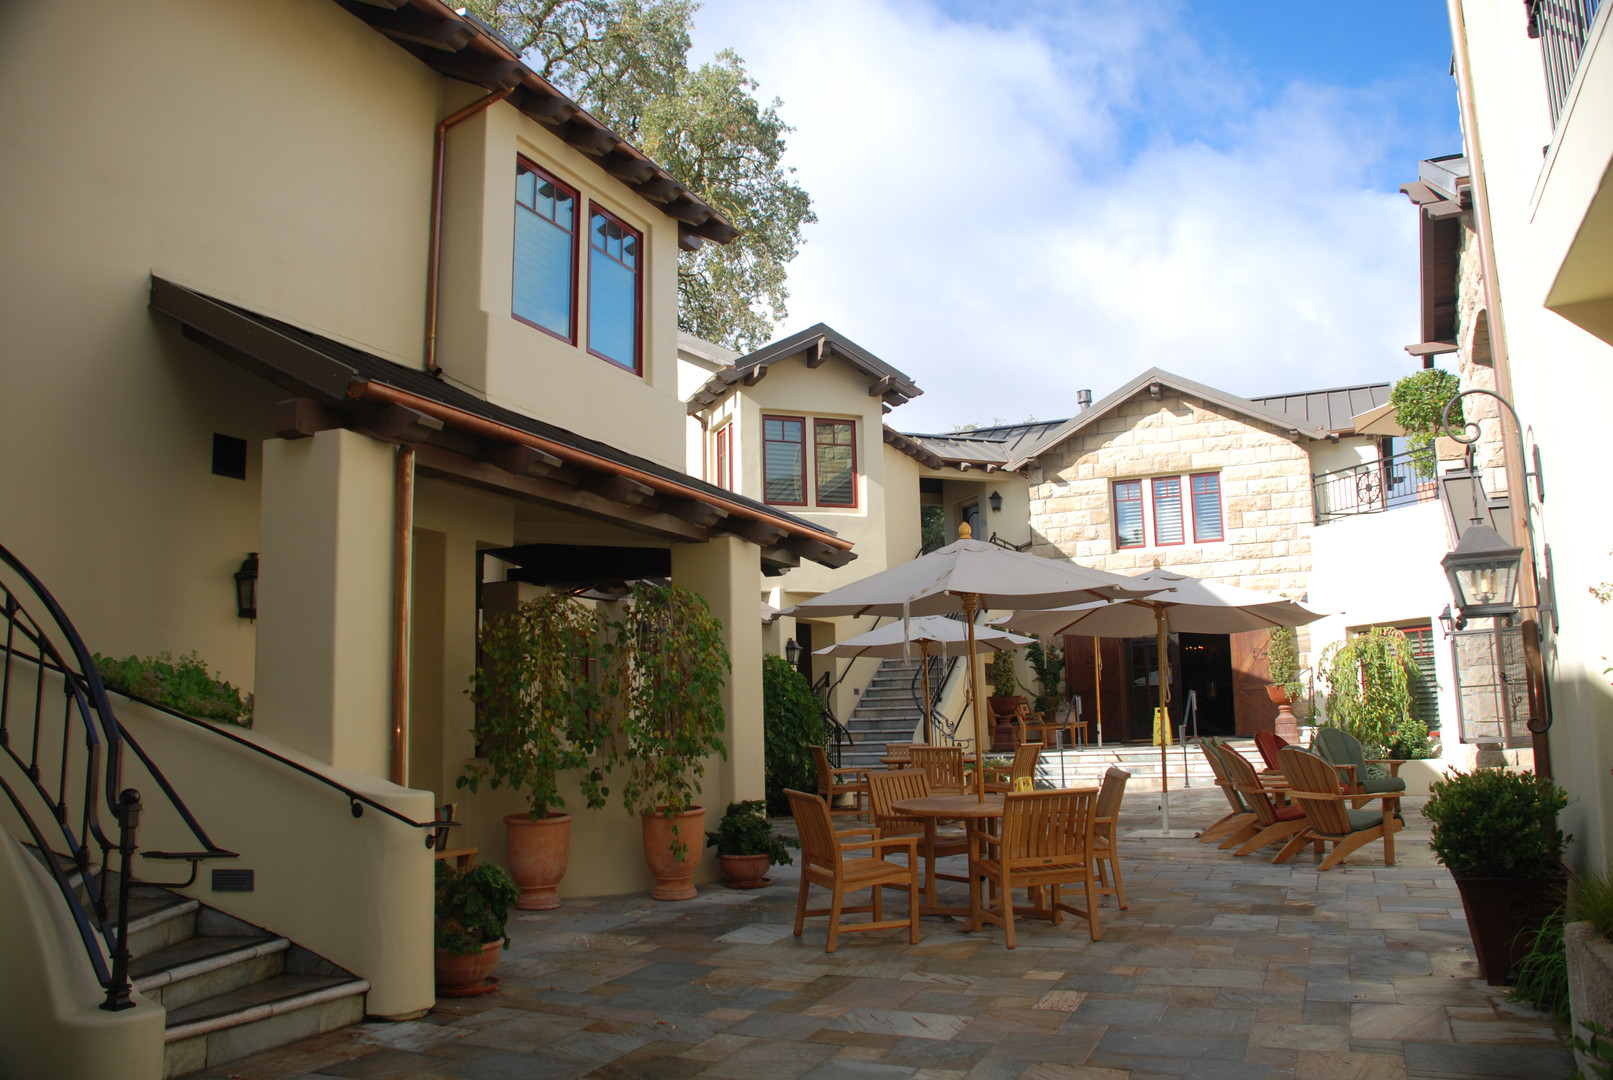 Hotel Cheval- Paso Robles, CA